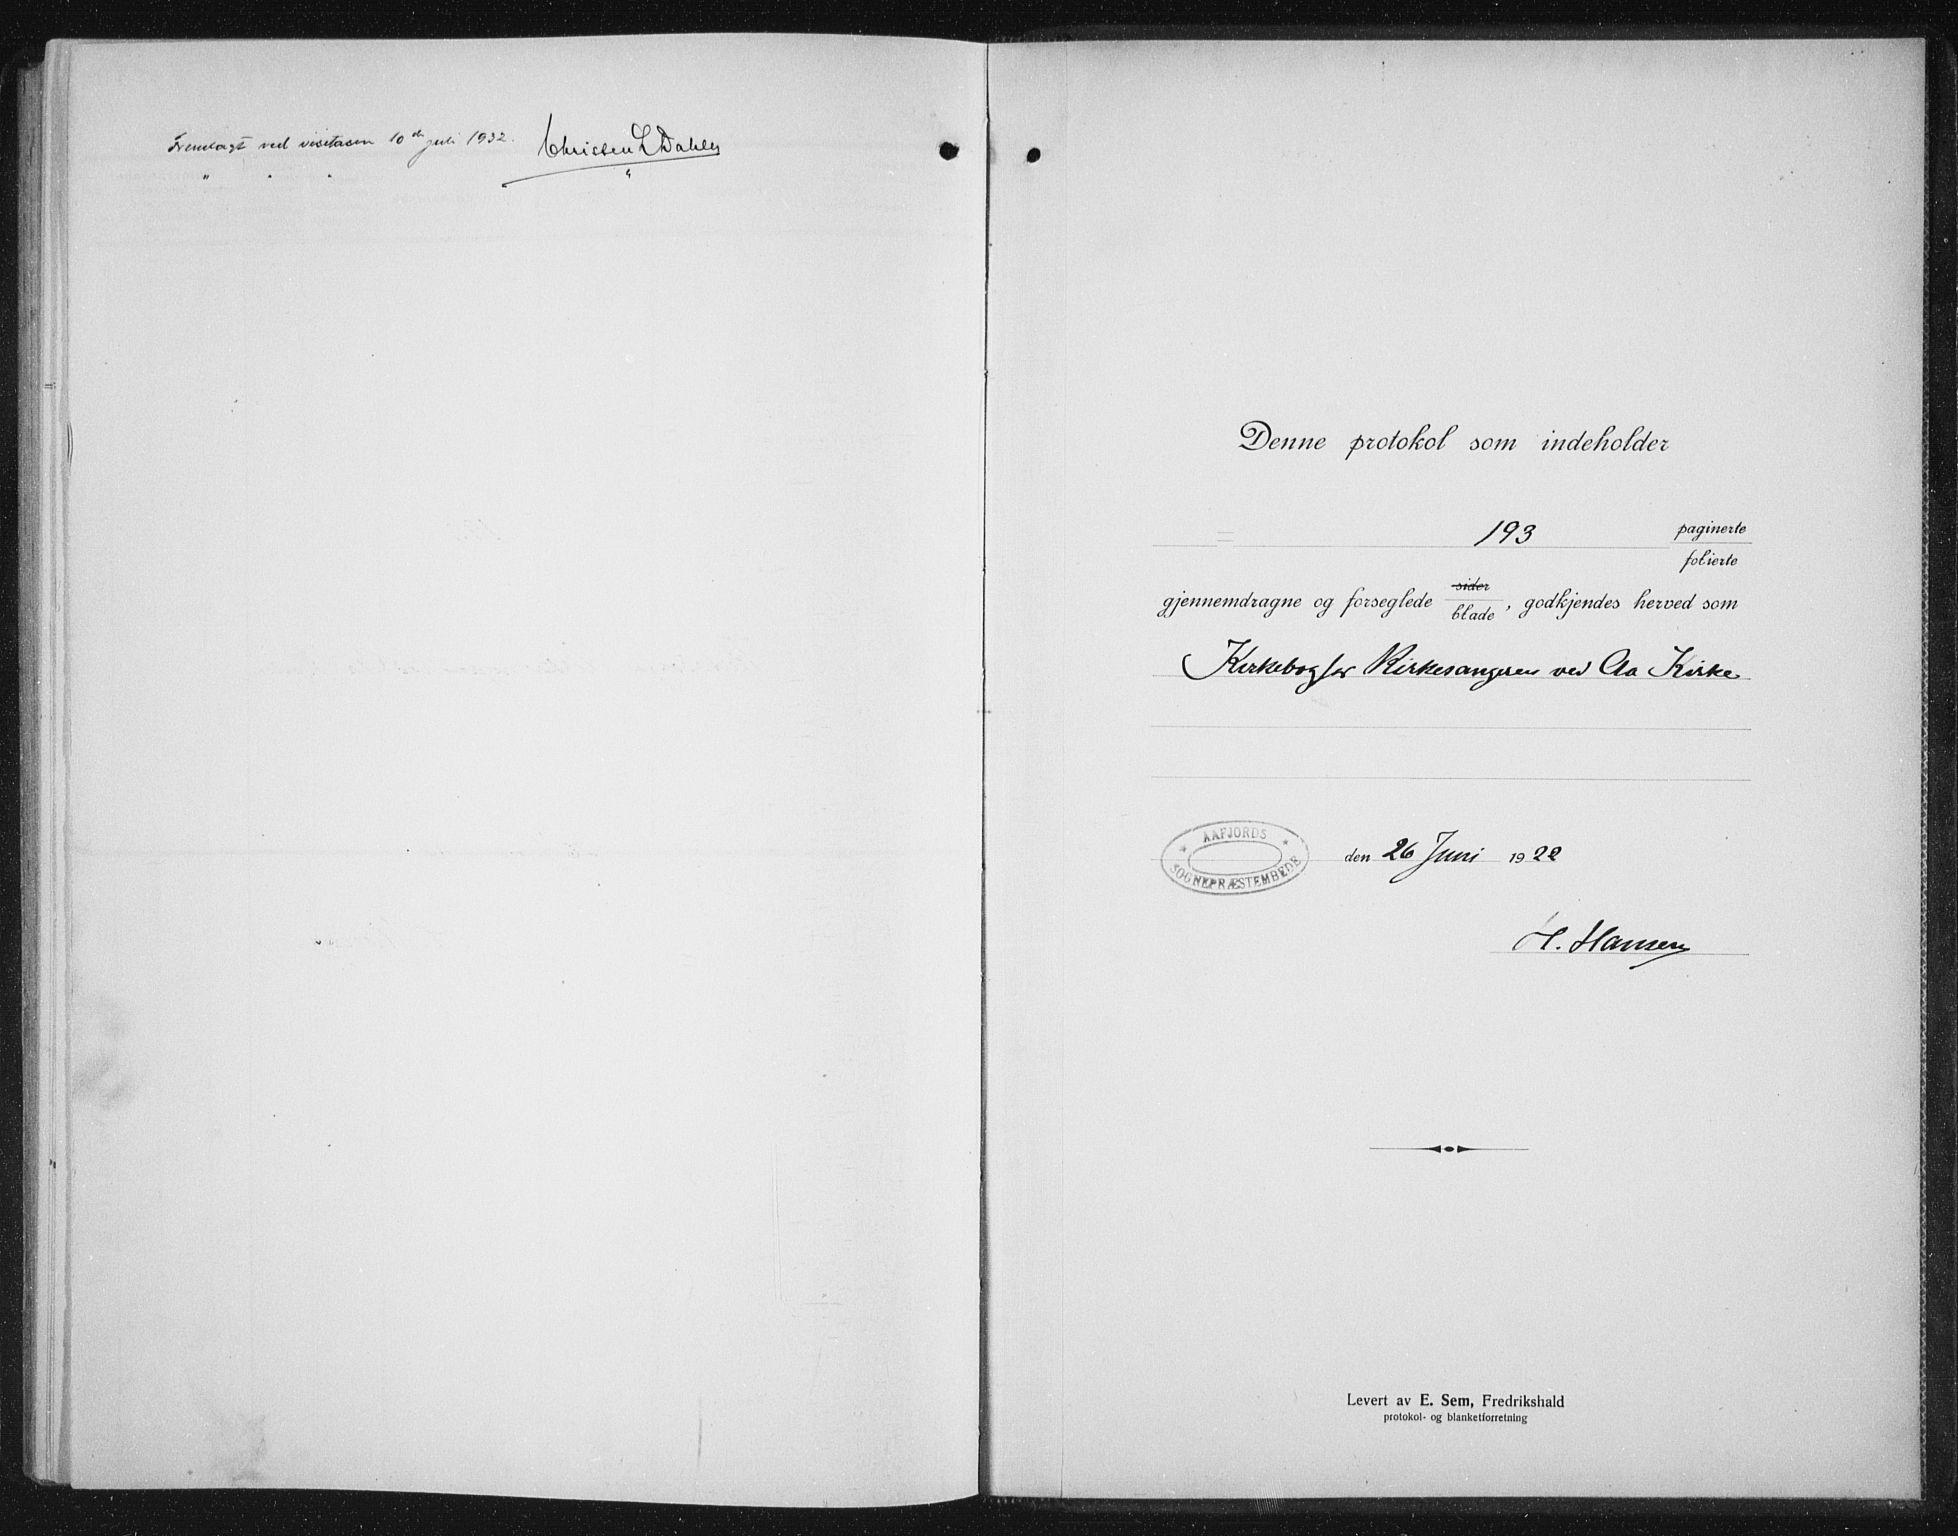 SAT, Ministerialprotokoller, klokkerbøker og fødselsregistre - Sør-Trøndelag, 655/L0689: Klokkerbok nr. 655C05, 1922-1936